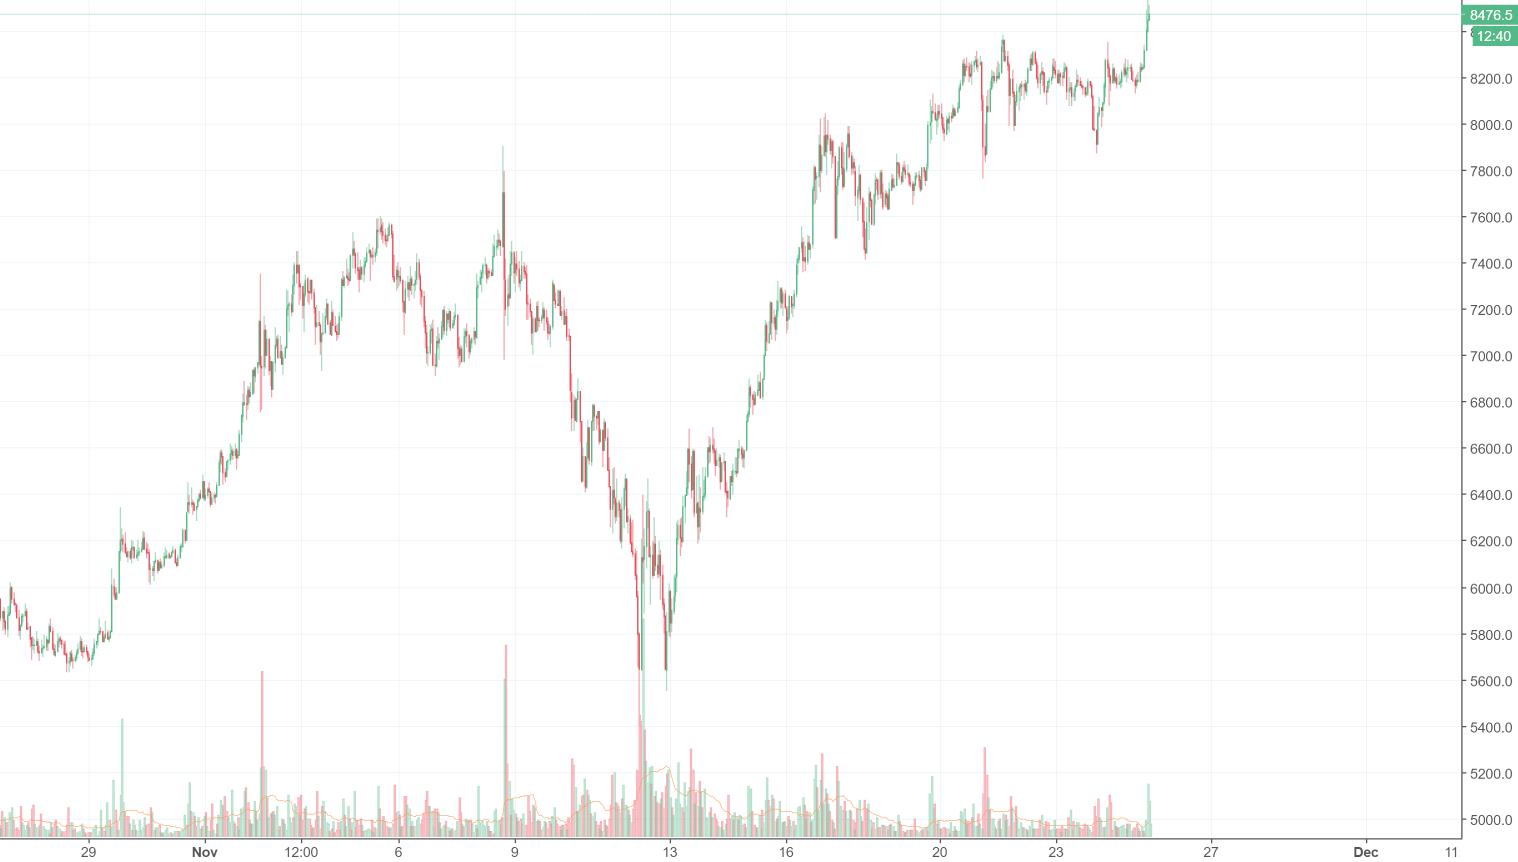 Bitcoin: Kurs notiert erstmals auf Allzeithoch über 10.000 US-Dollar